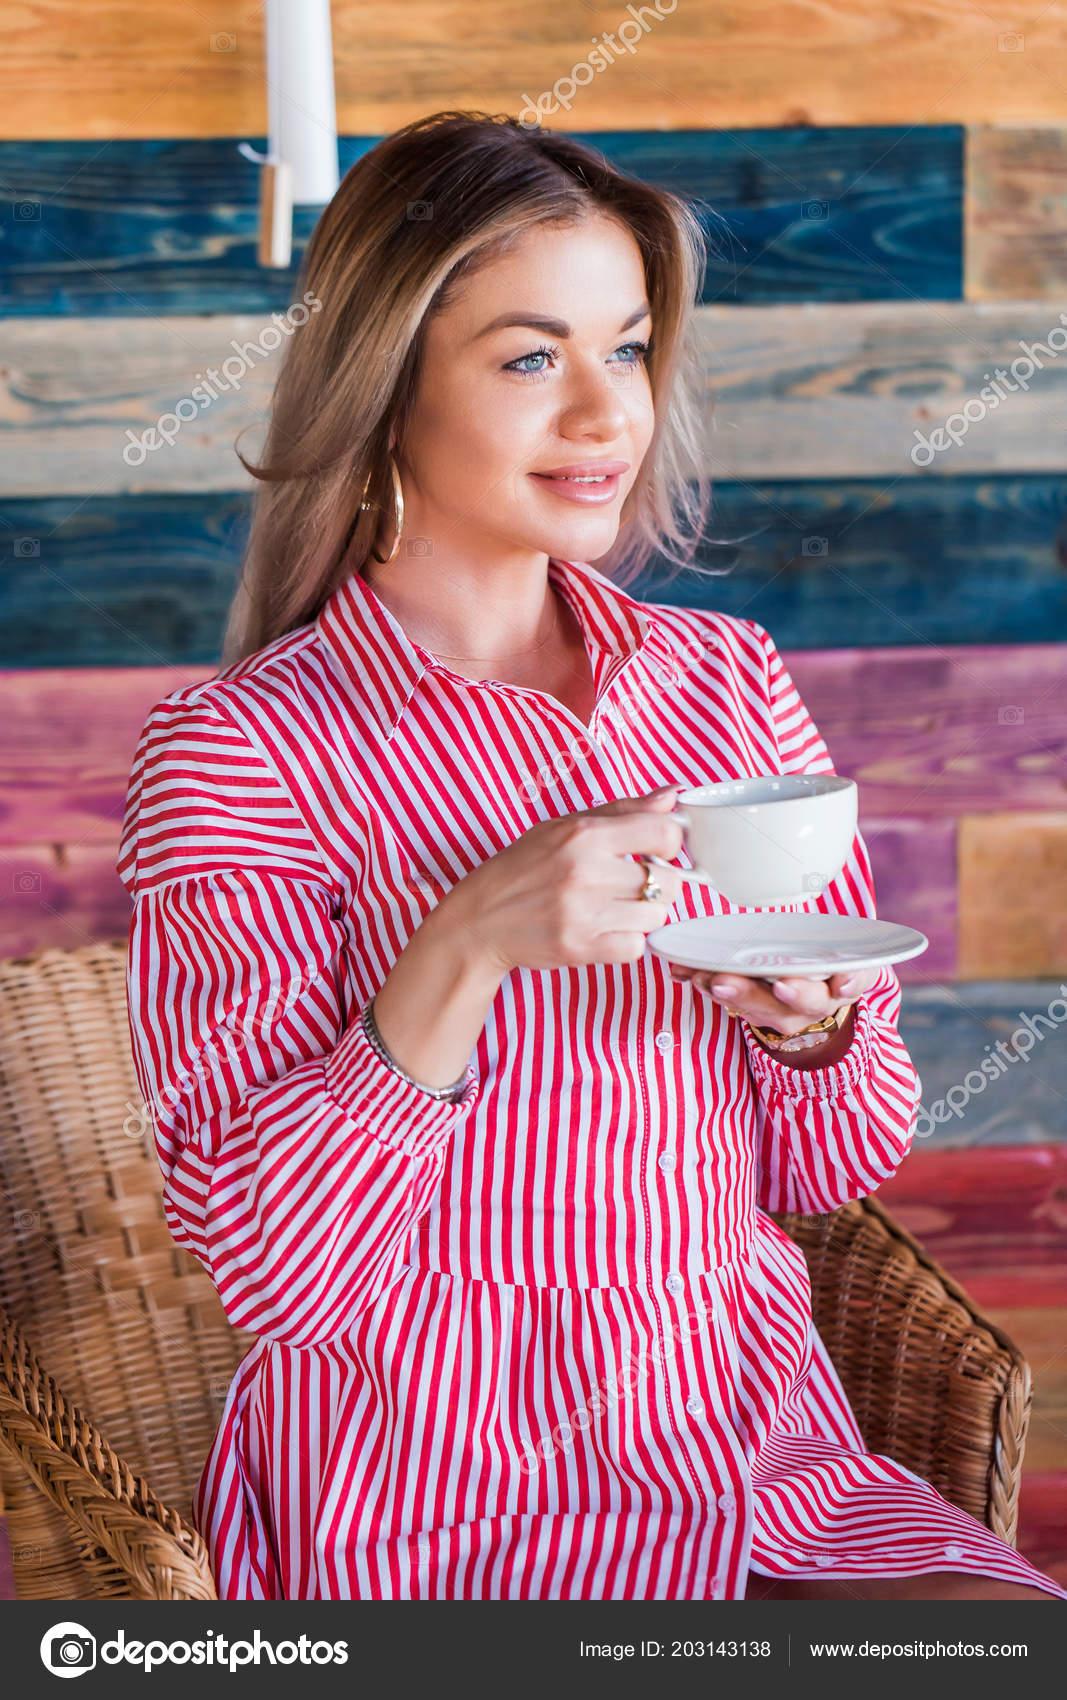 Linda Mulher Loira Beber Chá Café Manhã Sorrindo Estilo Vida